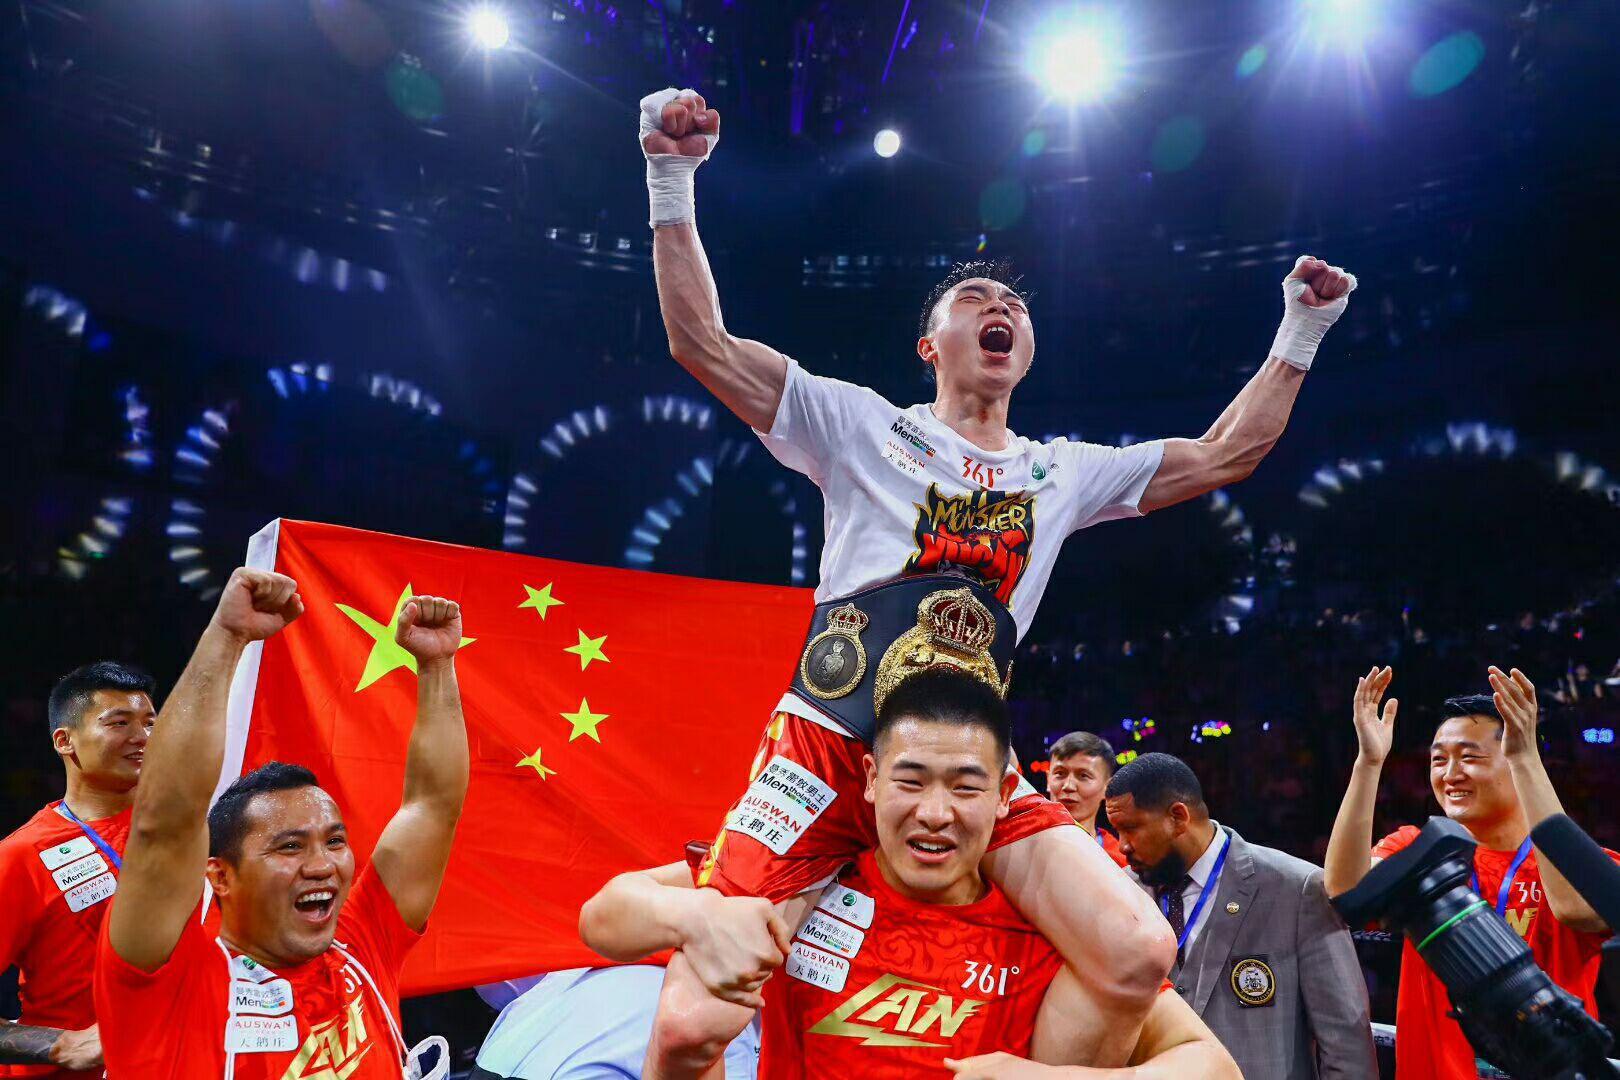 徐灿二次拳王卫冕战定了!11月美国迎来拳击世家罗伯斯三世的挑战